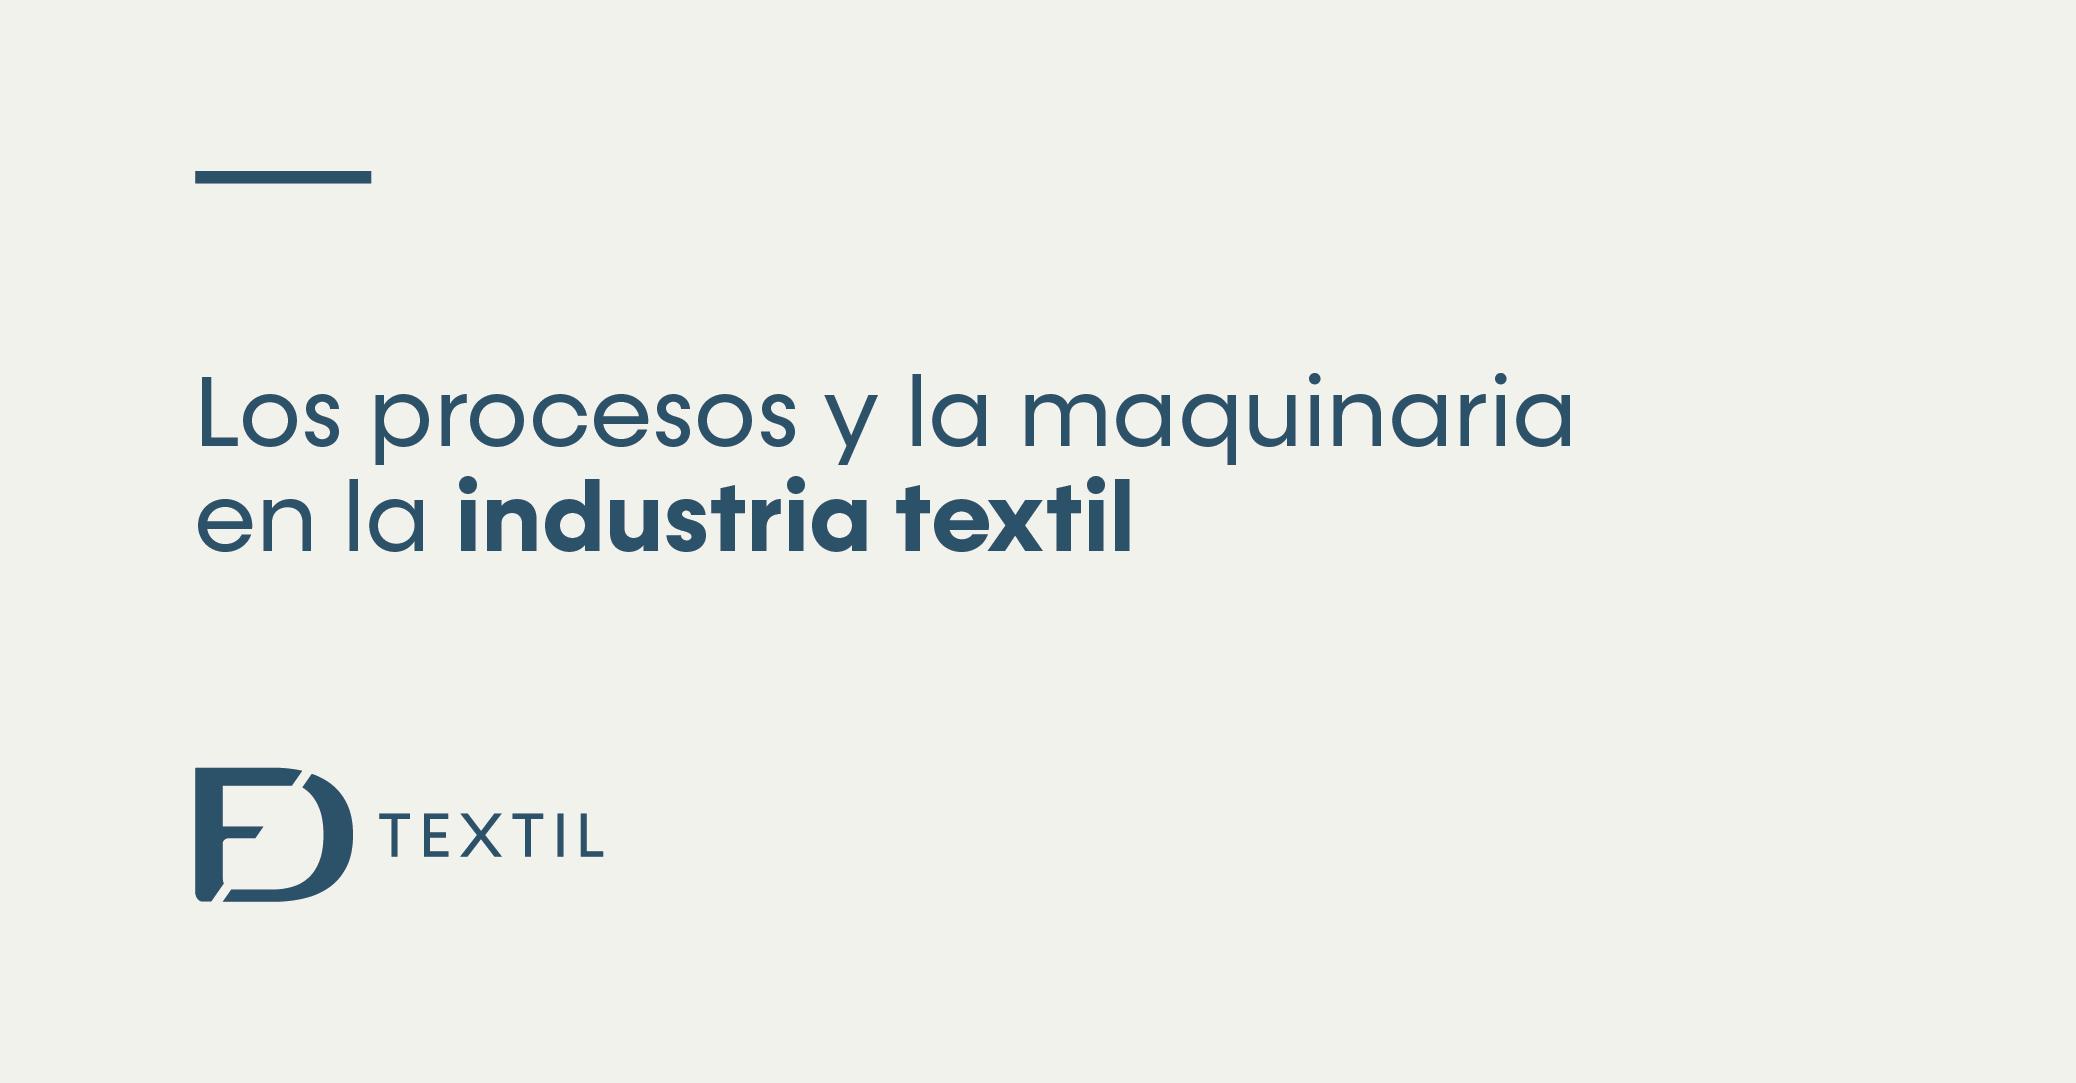 Procesos y maquinaria en la industria textil